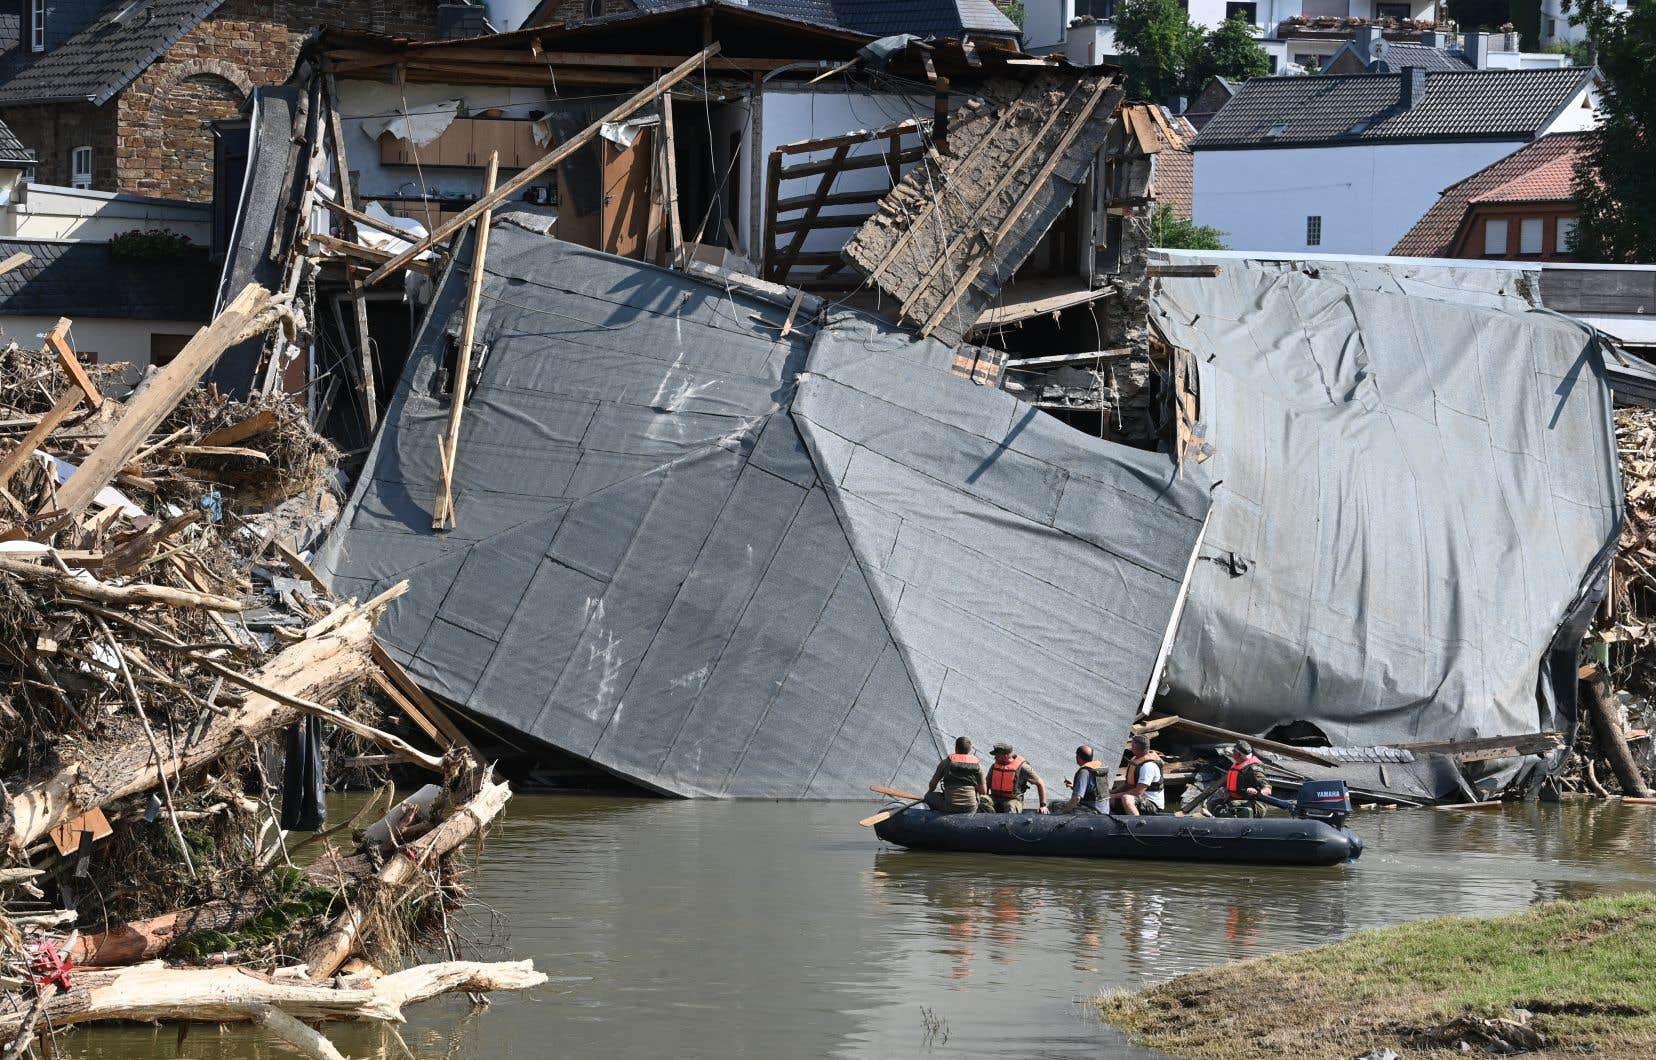 Une polémique a suivi le sinistre, relative à l'anticipation des événements météorologiques par les autorités, au fonctionnement du système d'alertes et aux mesures d'évacuation.